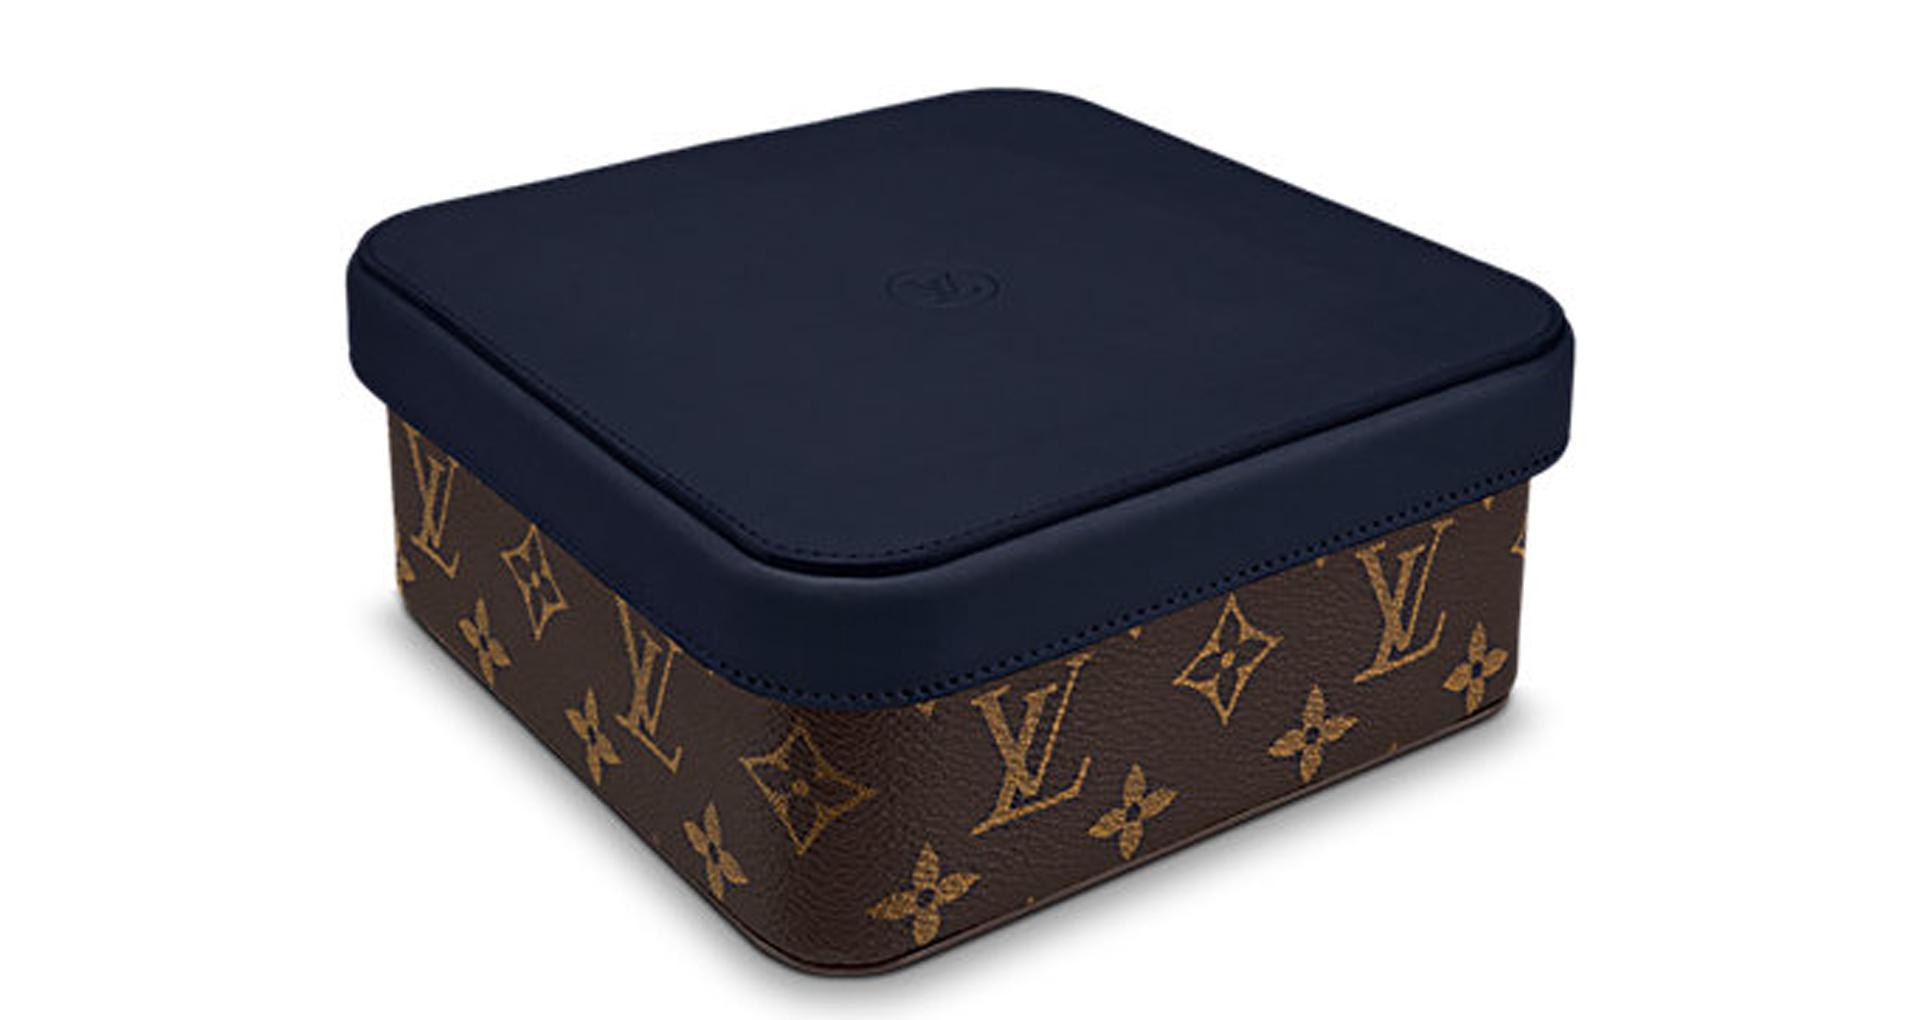 Joyero de Louis Vuitton de cuero. Combinación del monogram y cuero aterciopelado azul. Un ícono para guardar las joyas de valor en un cofre de diseño